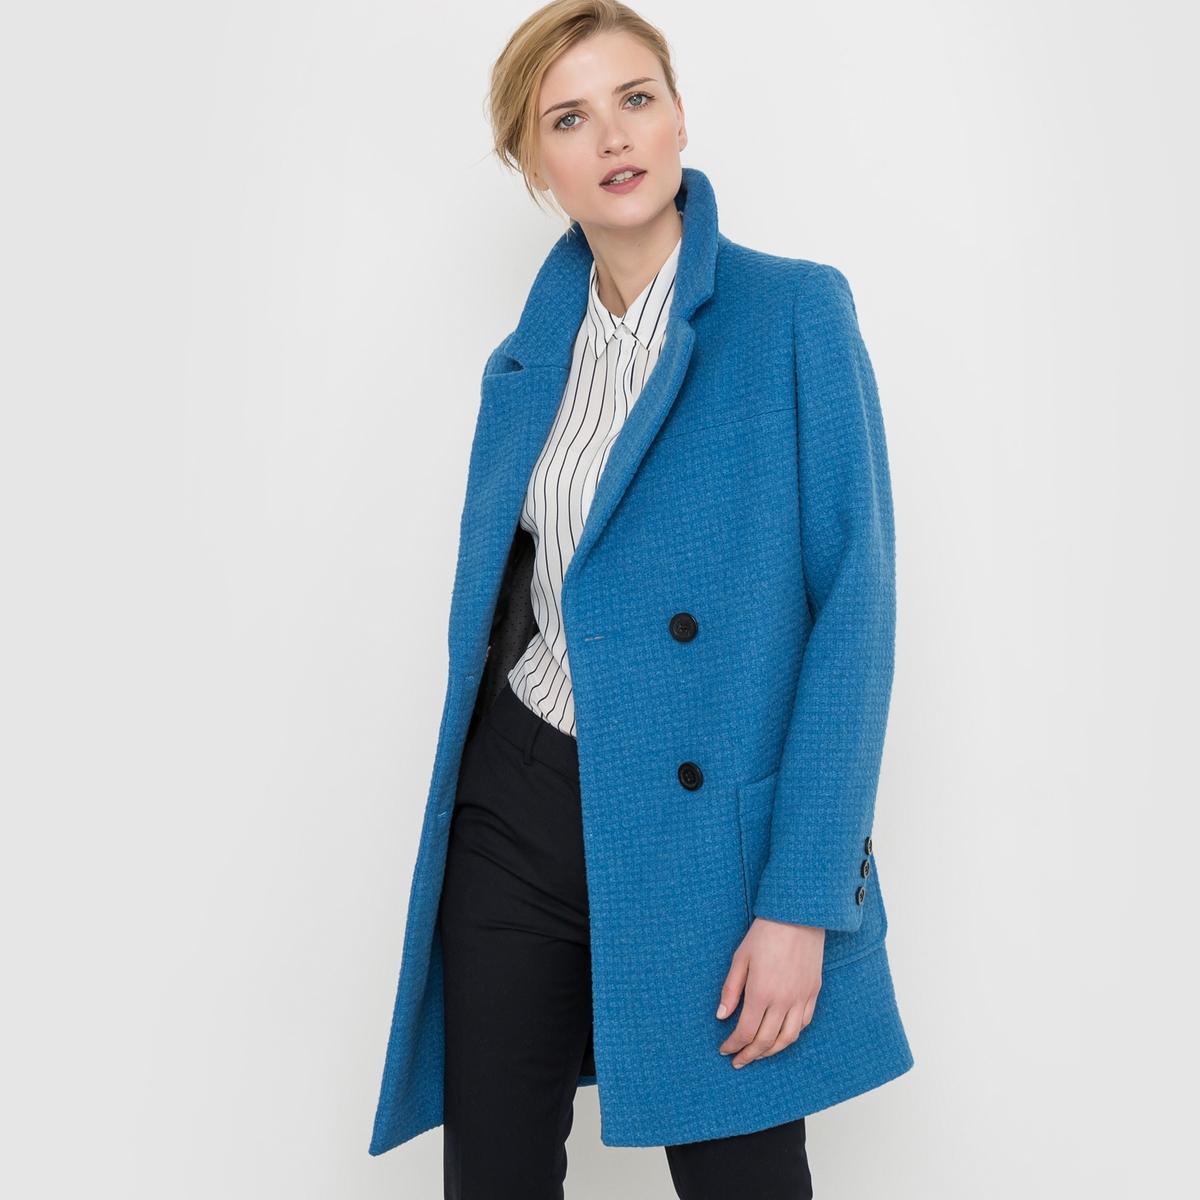 Пальто рогожка драповое, 60% шерстиГолубое пальто. Пальто из шерстяного драпа с плетением рогожка. Прямой покрой, пиджачный воротник. Застёжка (перекрестная) на пуговицы. 2 больших накладных кармана. Манжеты на 3 пуговицах. На подкладке. Состав и описание:Марка: Atelier R.Длина: 89 см.Материал : драп 60% шерсти, 30% полиэстера, 10% других волокон. Подкладка: 100% полиэстера.Уход:- Сухая чистка.- Гладить при низкой температуре.<br><br>Цвет: синий<br>Размер: 48 (FR) - 54 (RUS).44 (FR) - 50 (RUS)